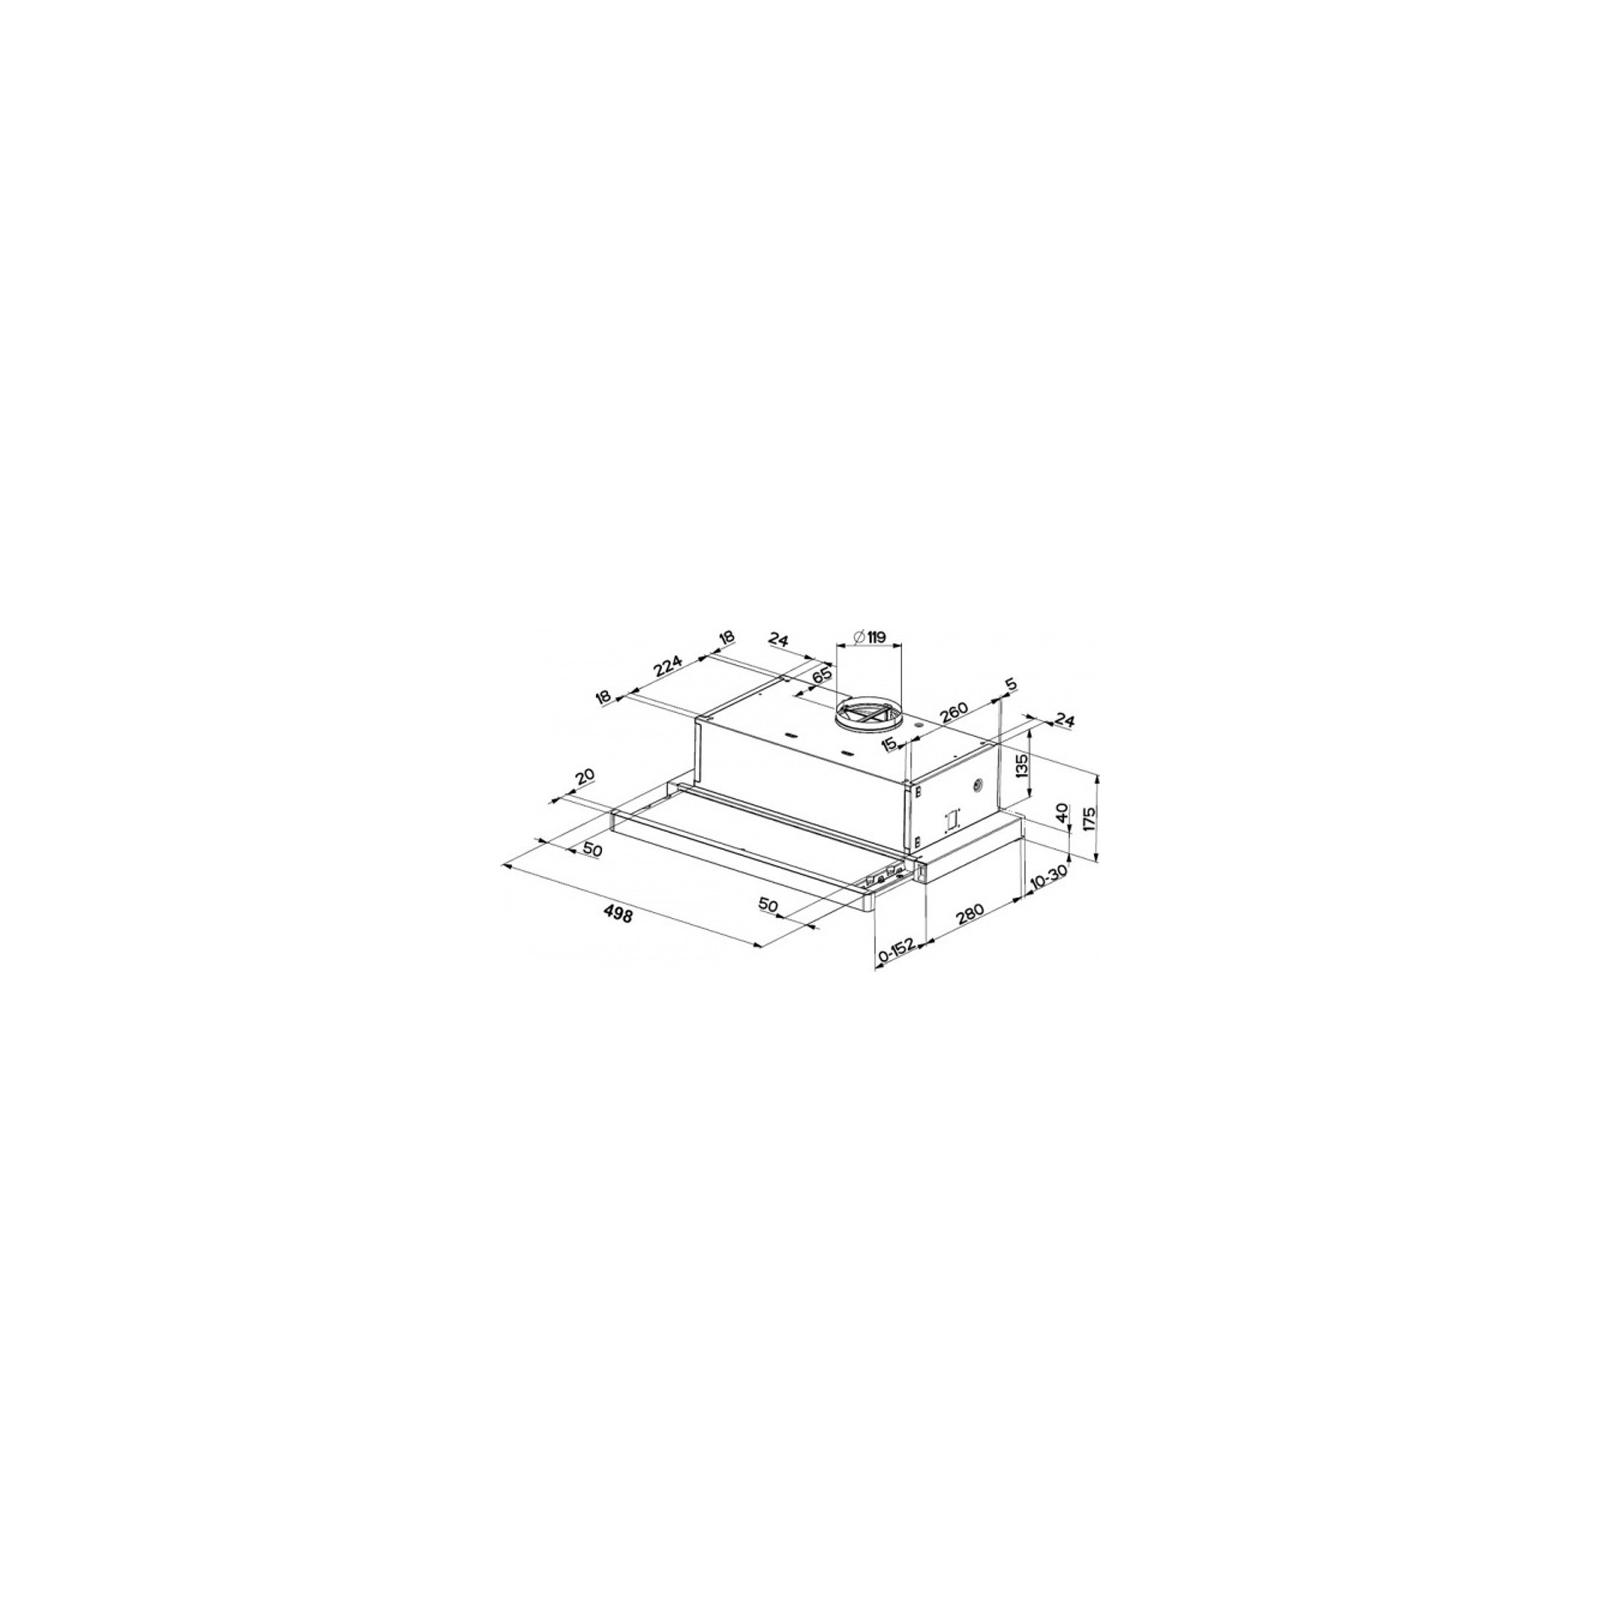 Вытяжка кухонная FABER FLEXA M6 W A50 FB EXP изображение 2